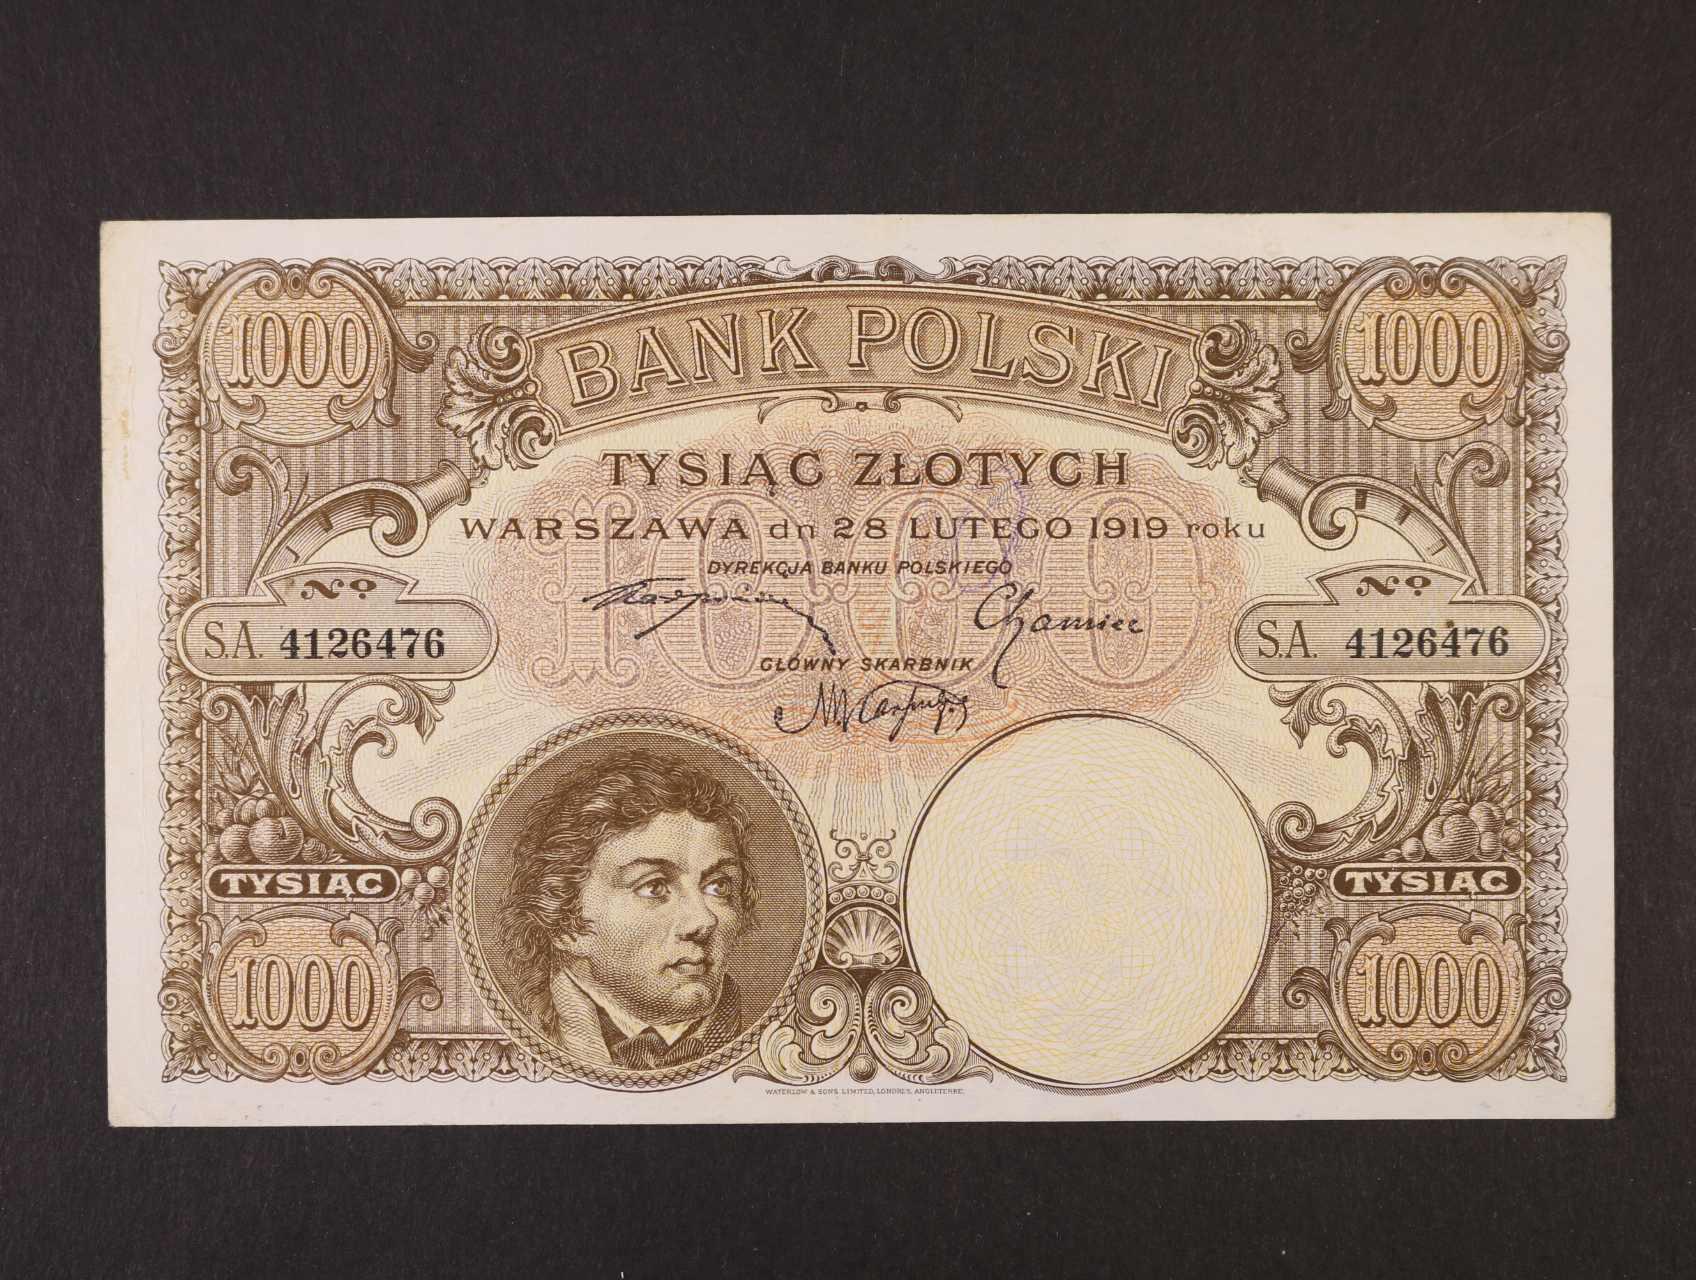 1000 Zlotych 28.2.1919 nevydaná, Pi. 59